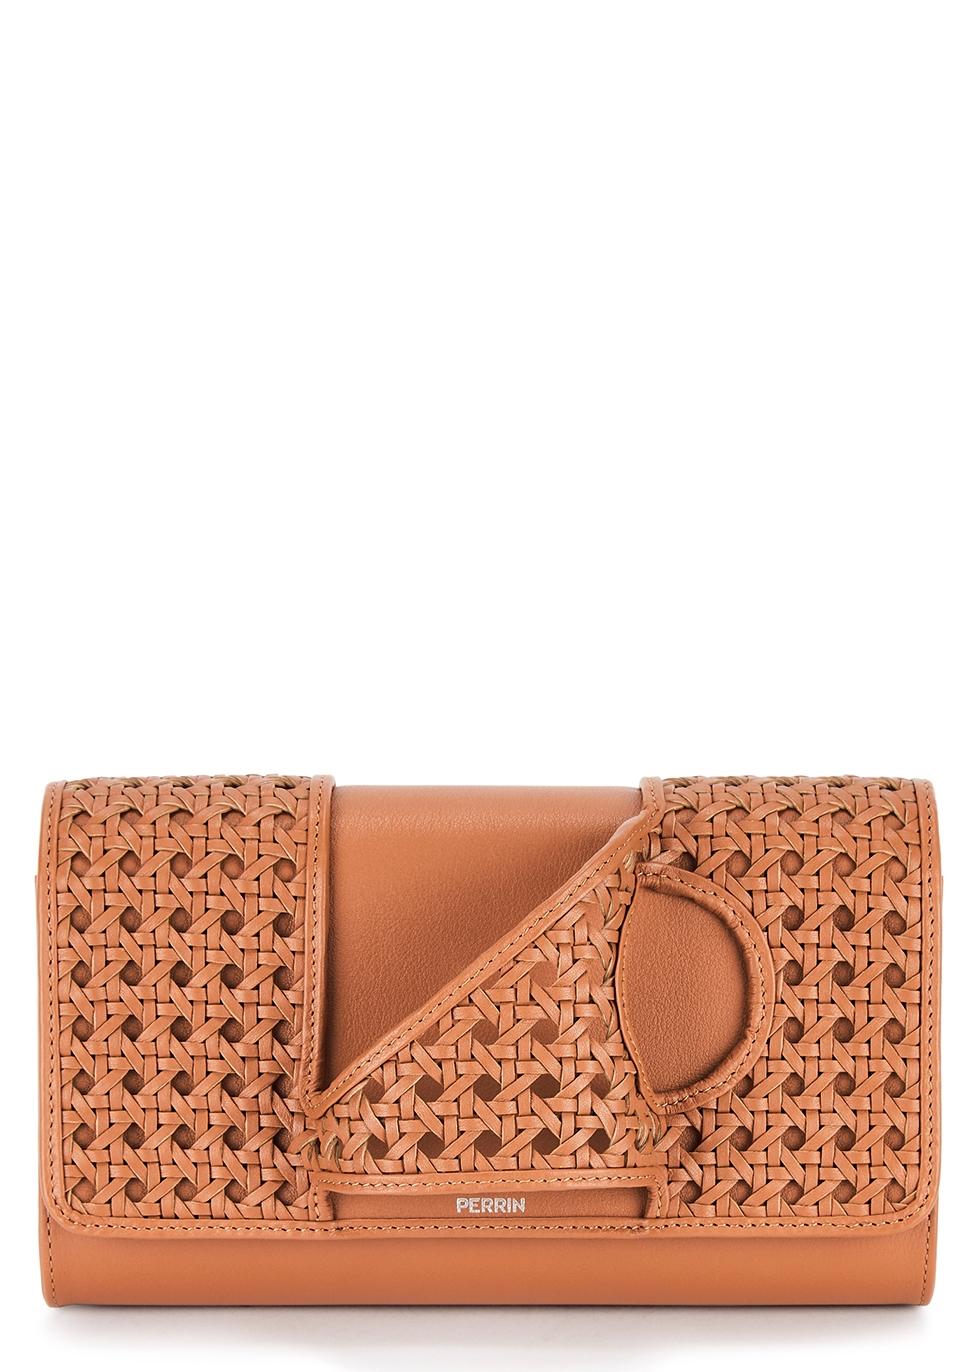 L'Asymétrique brown woven leather clutch